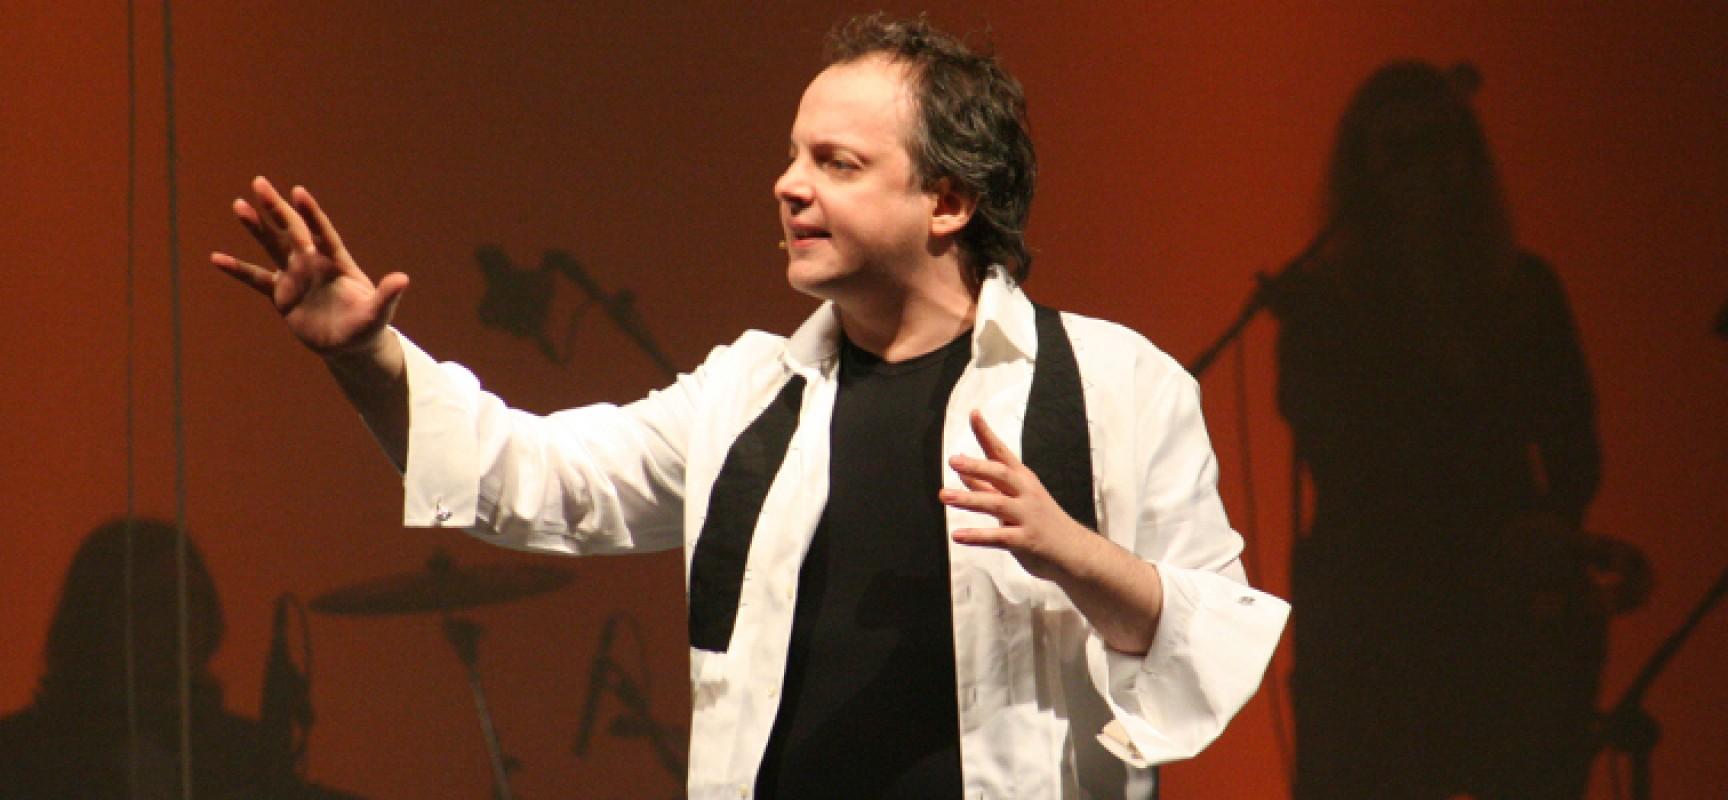 Il 15 febbraio a Bisceglie c'è lo spettacolo del comico Dado